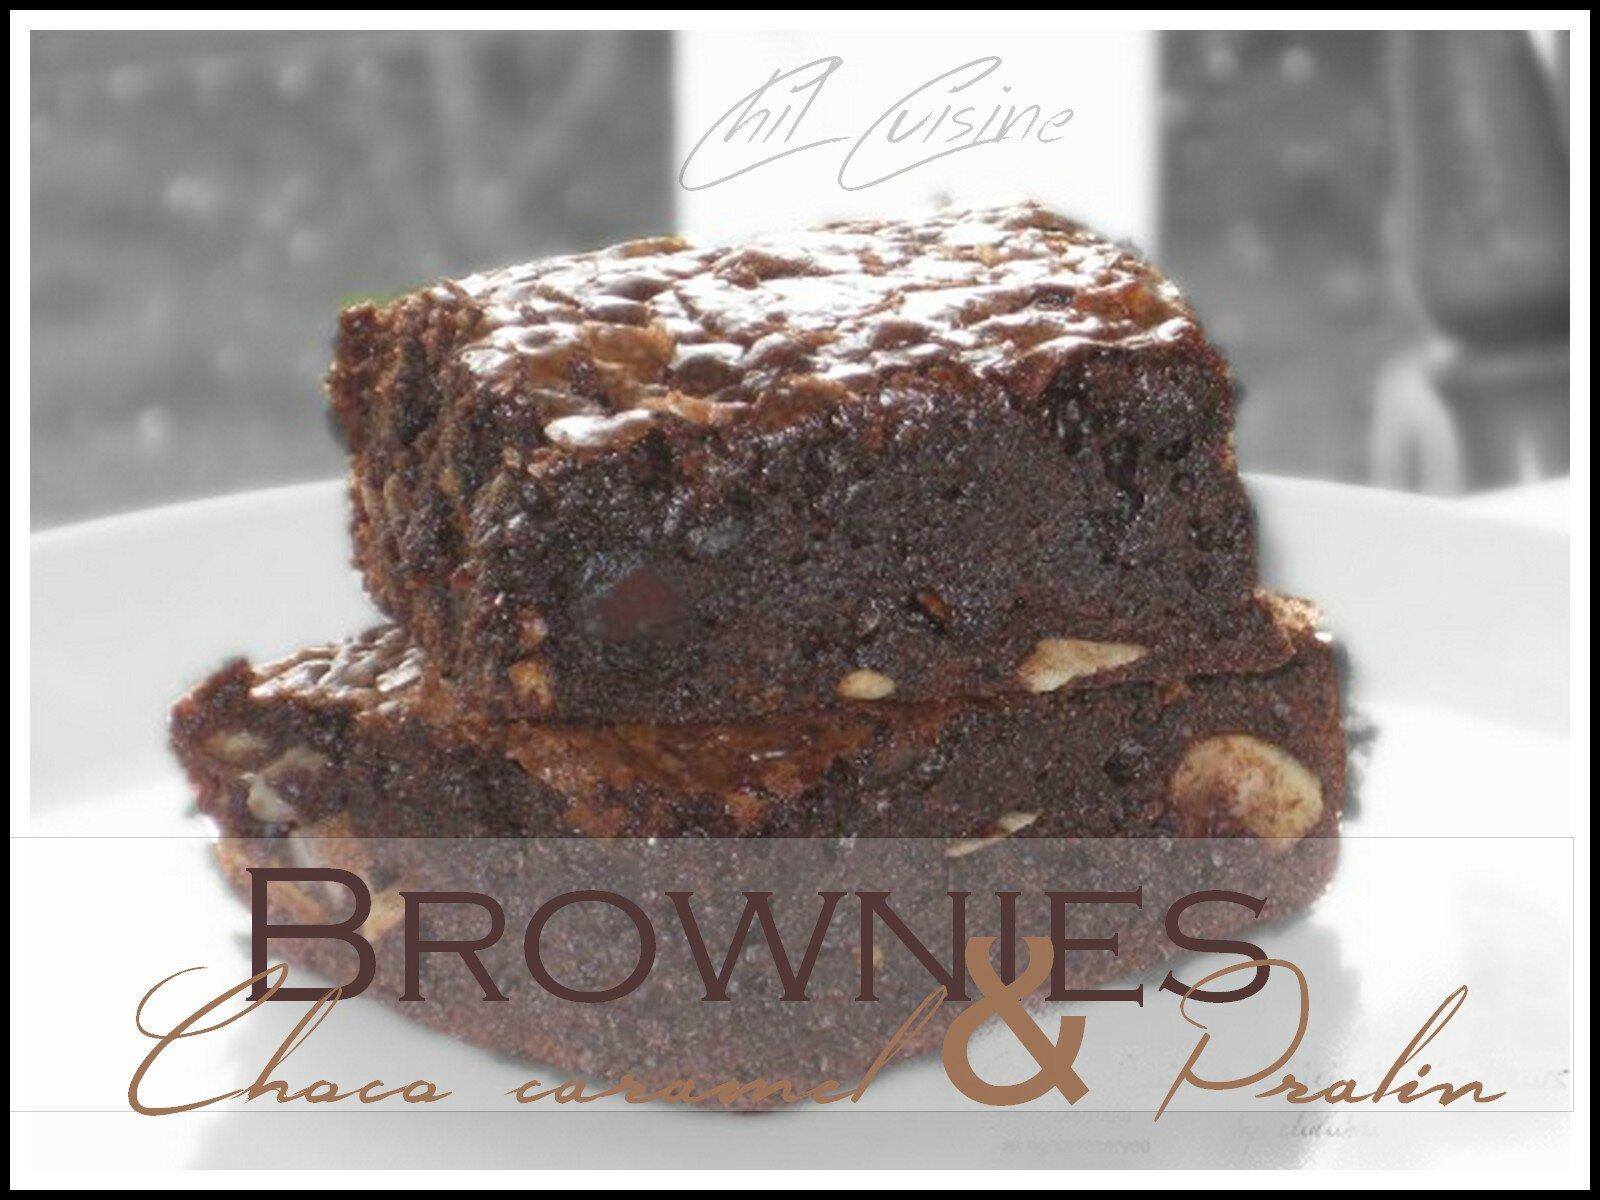 Brownies chococaramel & pralin